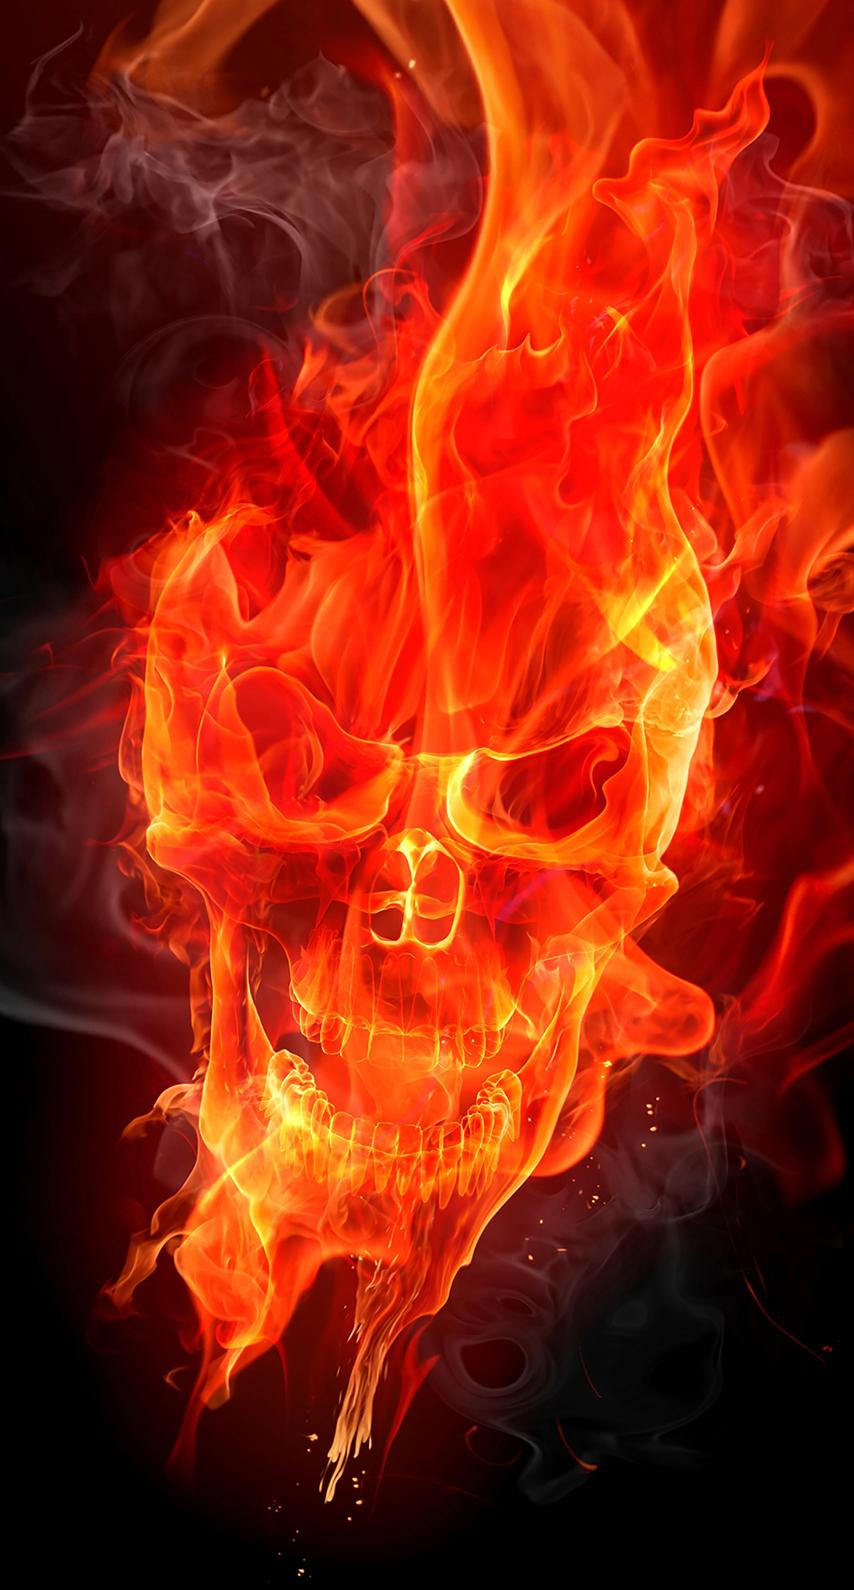 smoke, flame